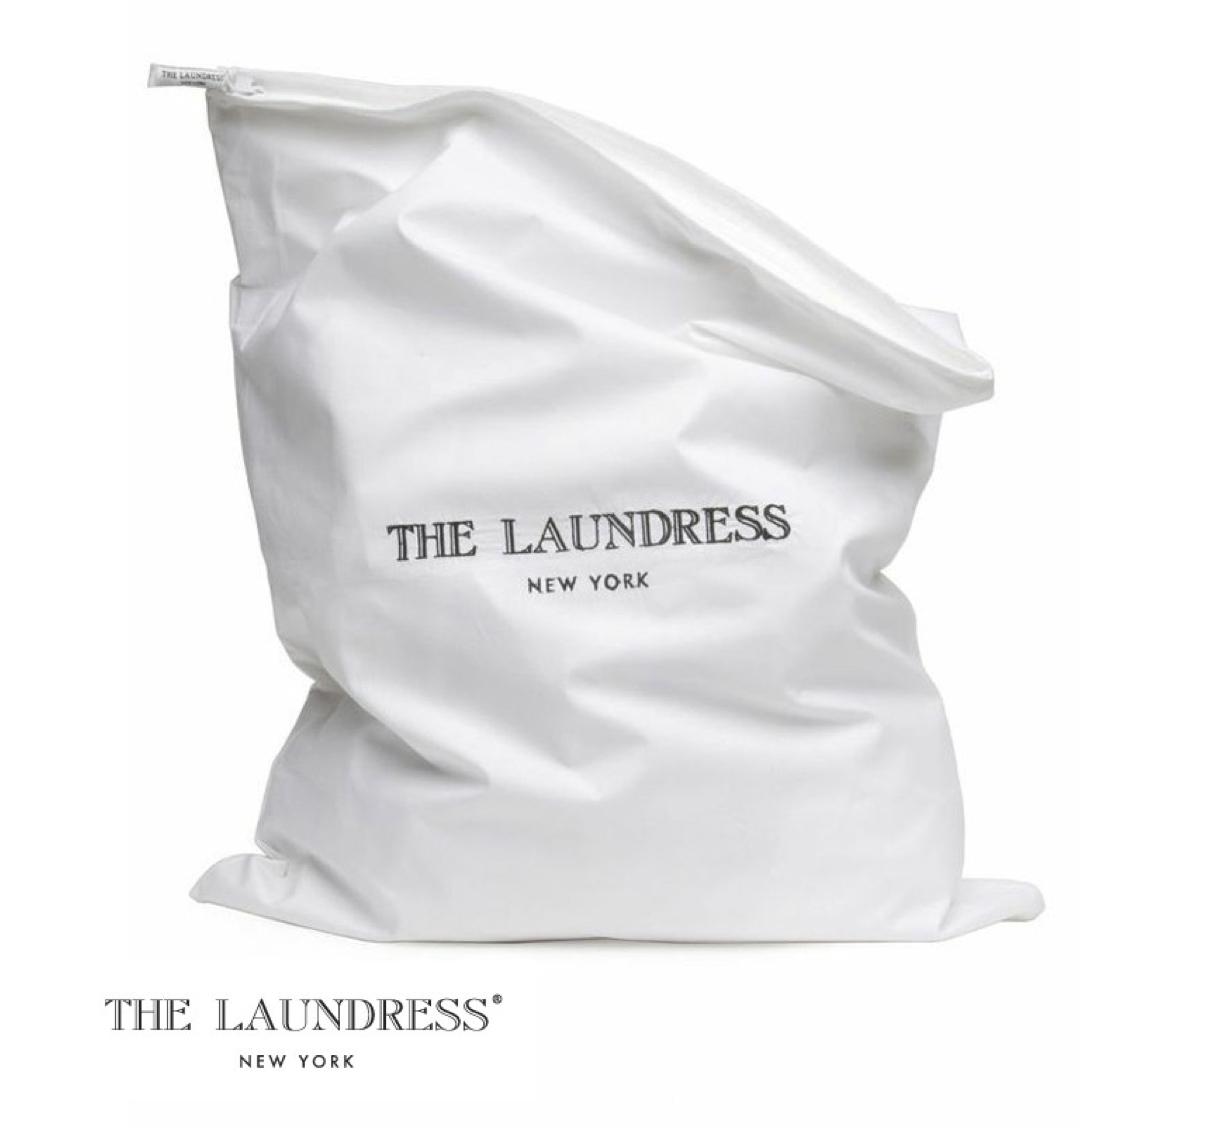 handtaschen schutzh llen f r meine accessoires zuhause ladybutler design und funktion. Black Bedroom Furniture Sets. Home Design Ideas